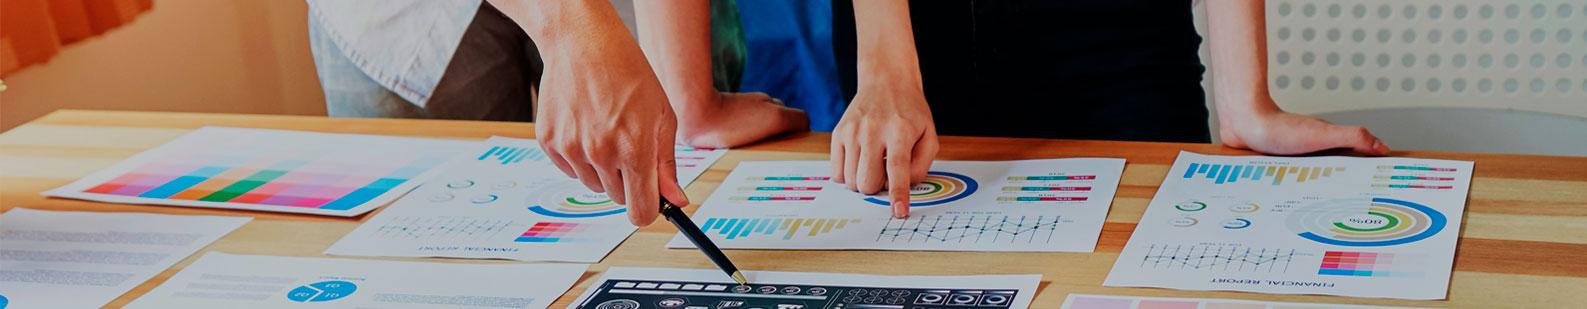 http://serpro.gov.br/menu/quem-somos/marca-serpro/co-branding